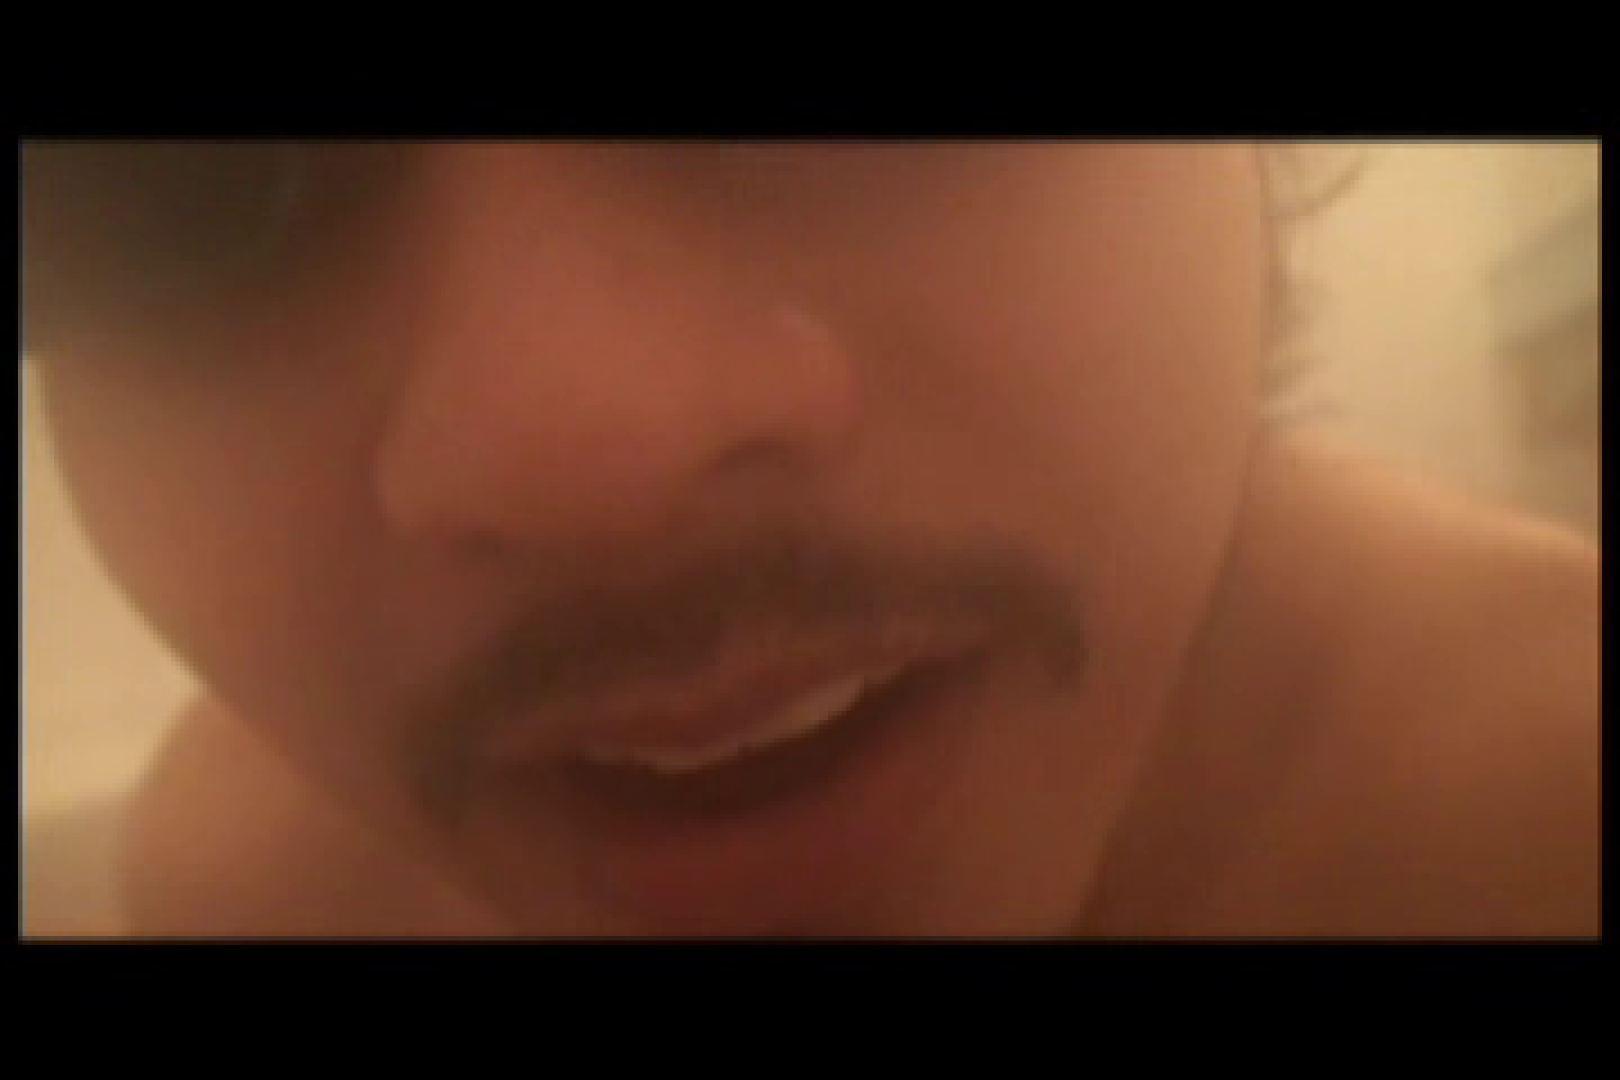 スジ筋ガチムチゴーグルマンvol3 お風呂 | オナニー ゲイAV画像 106pic 67